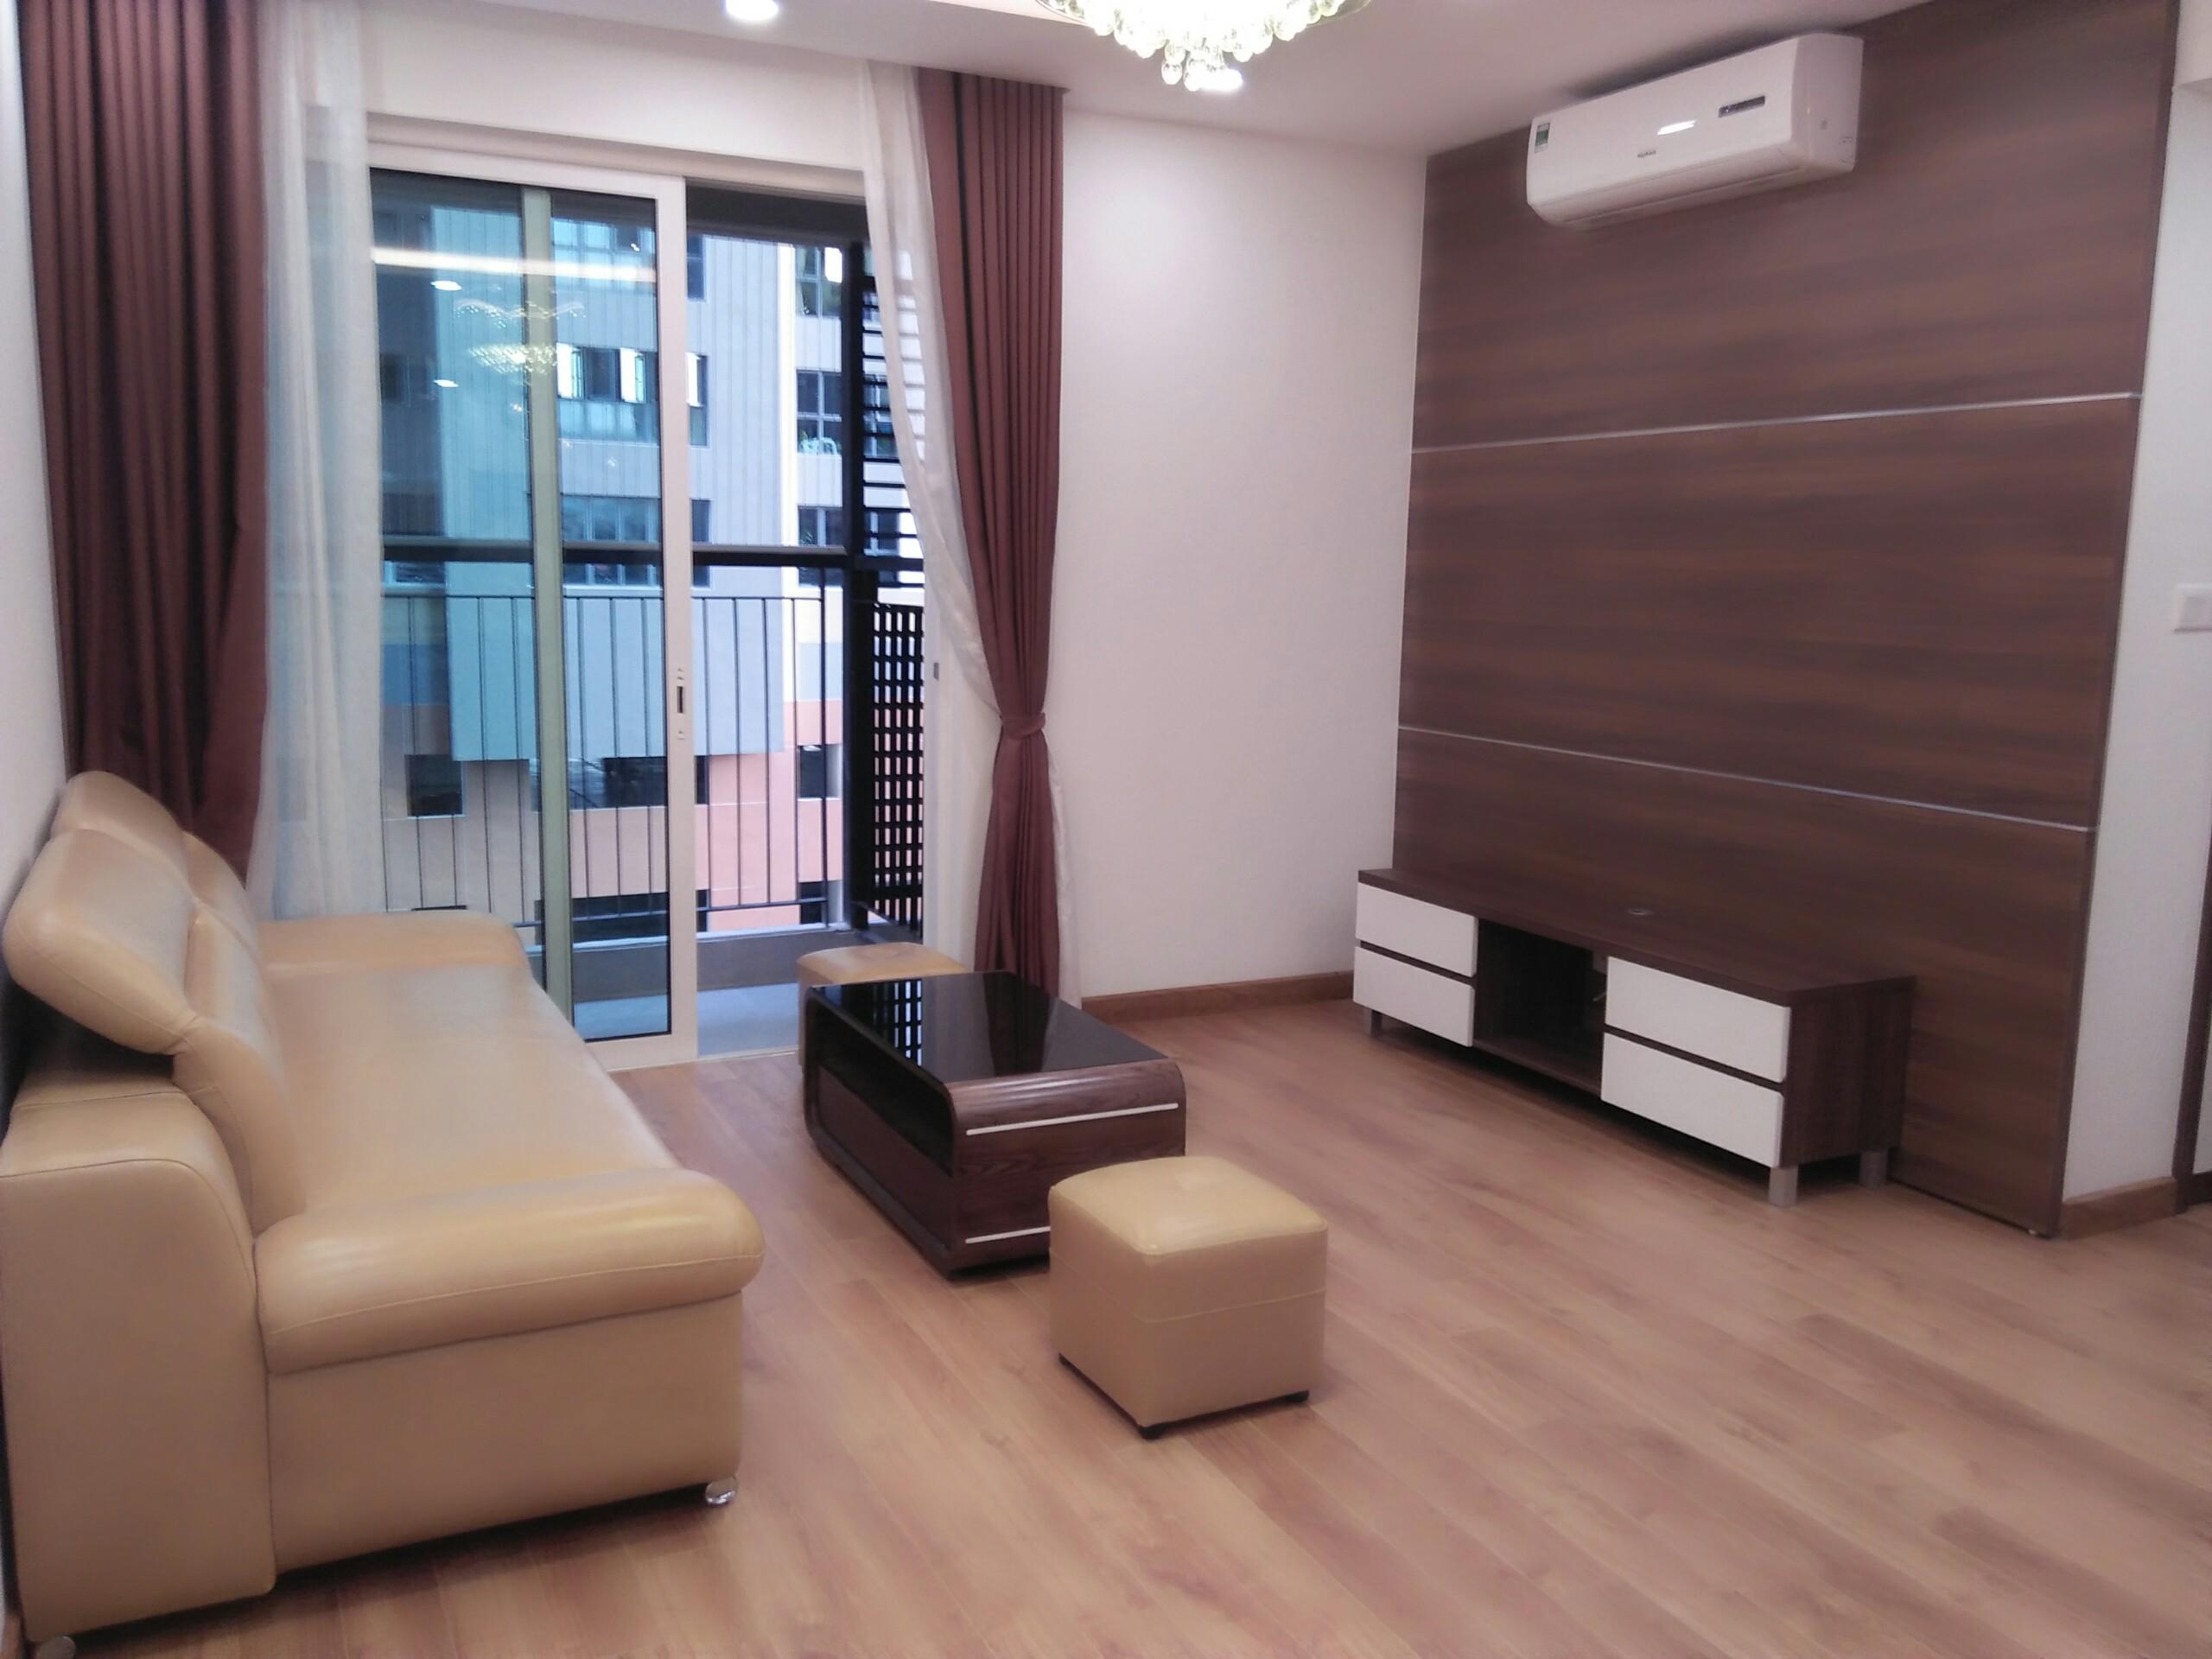 Căn hộ 3 Phòng Ngủ Seasons Avenue Cho Thuê